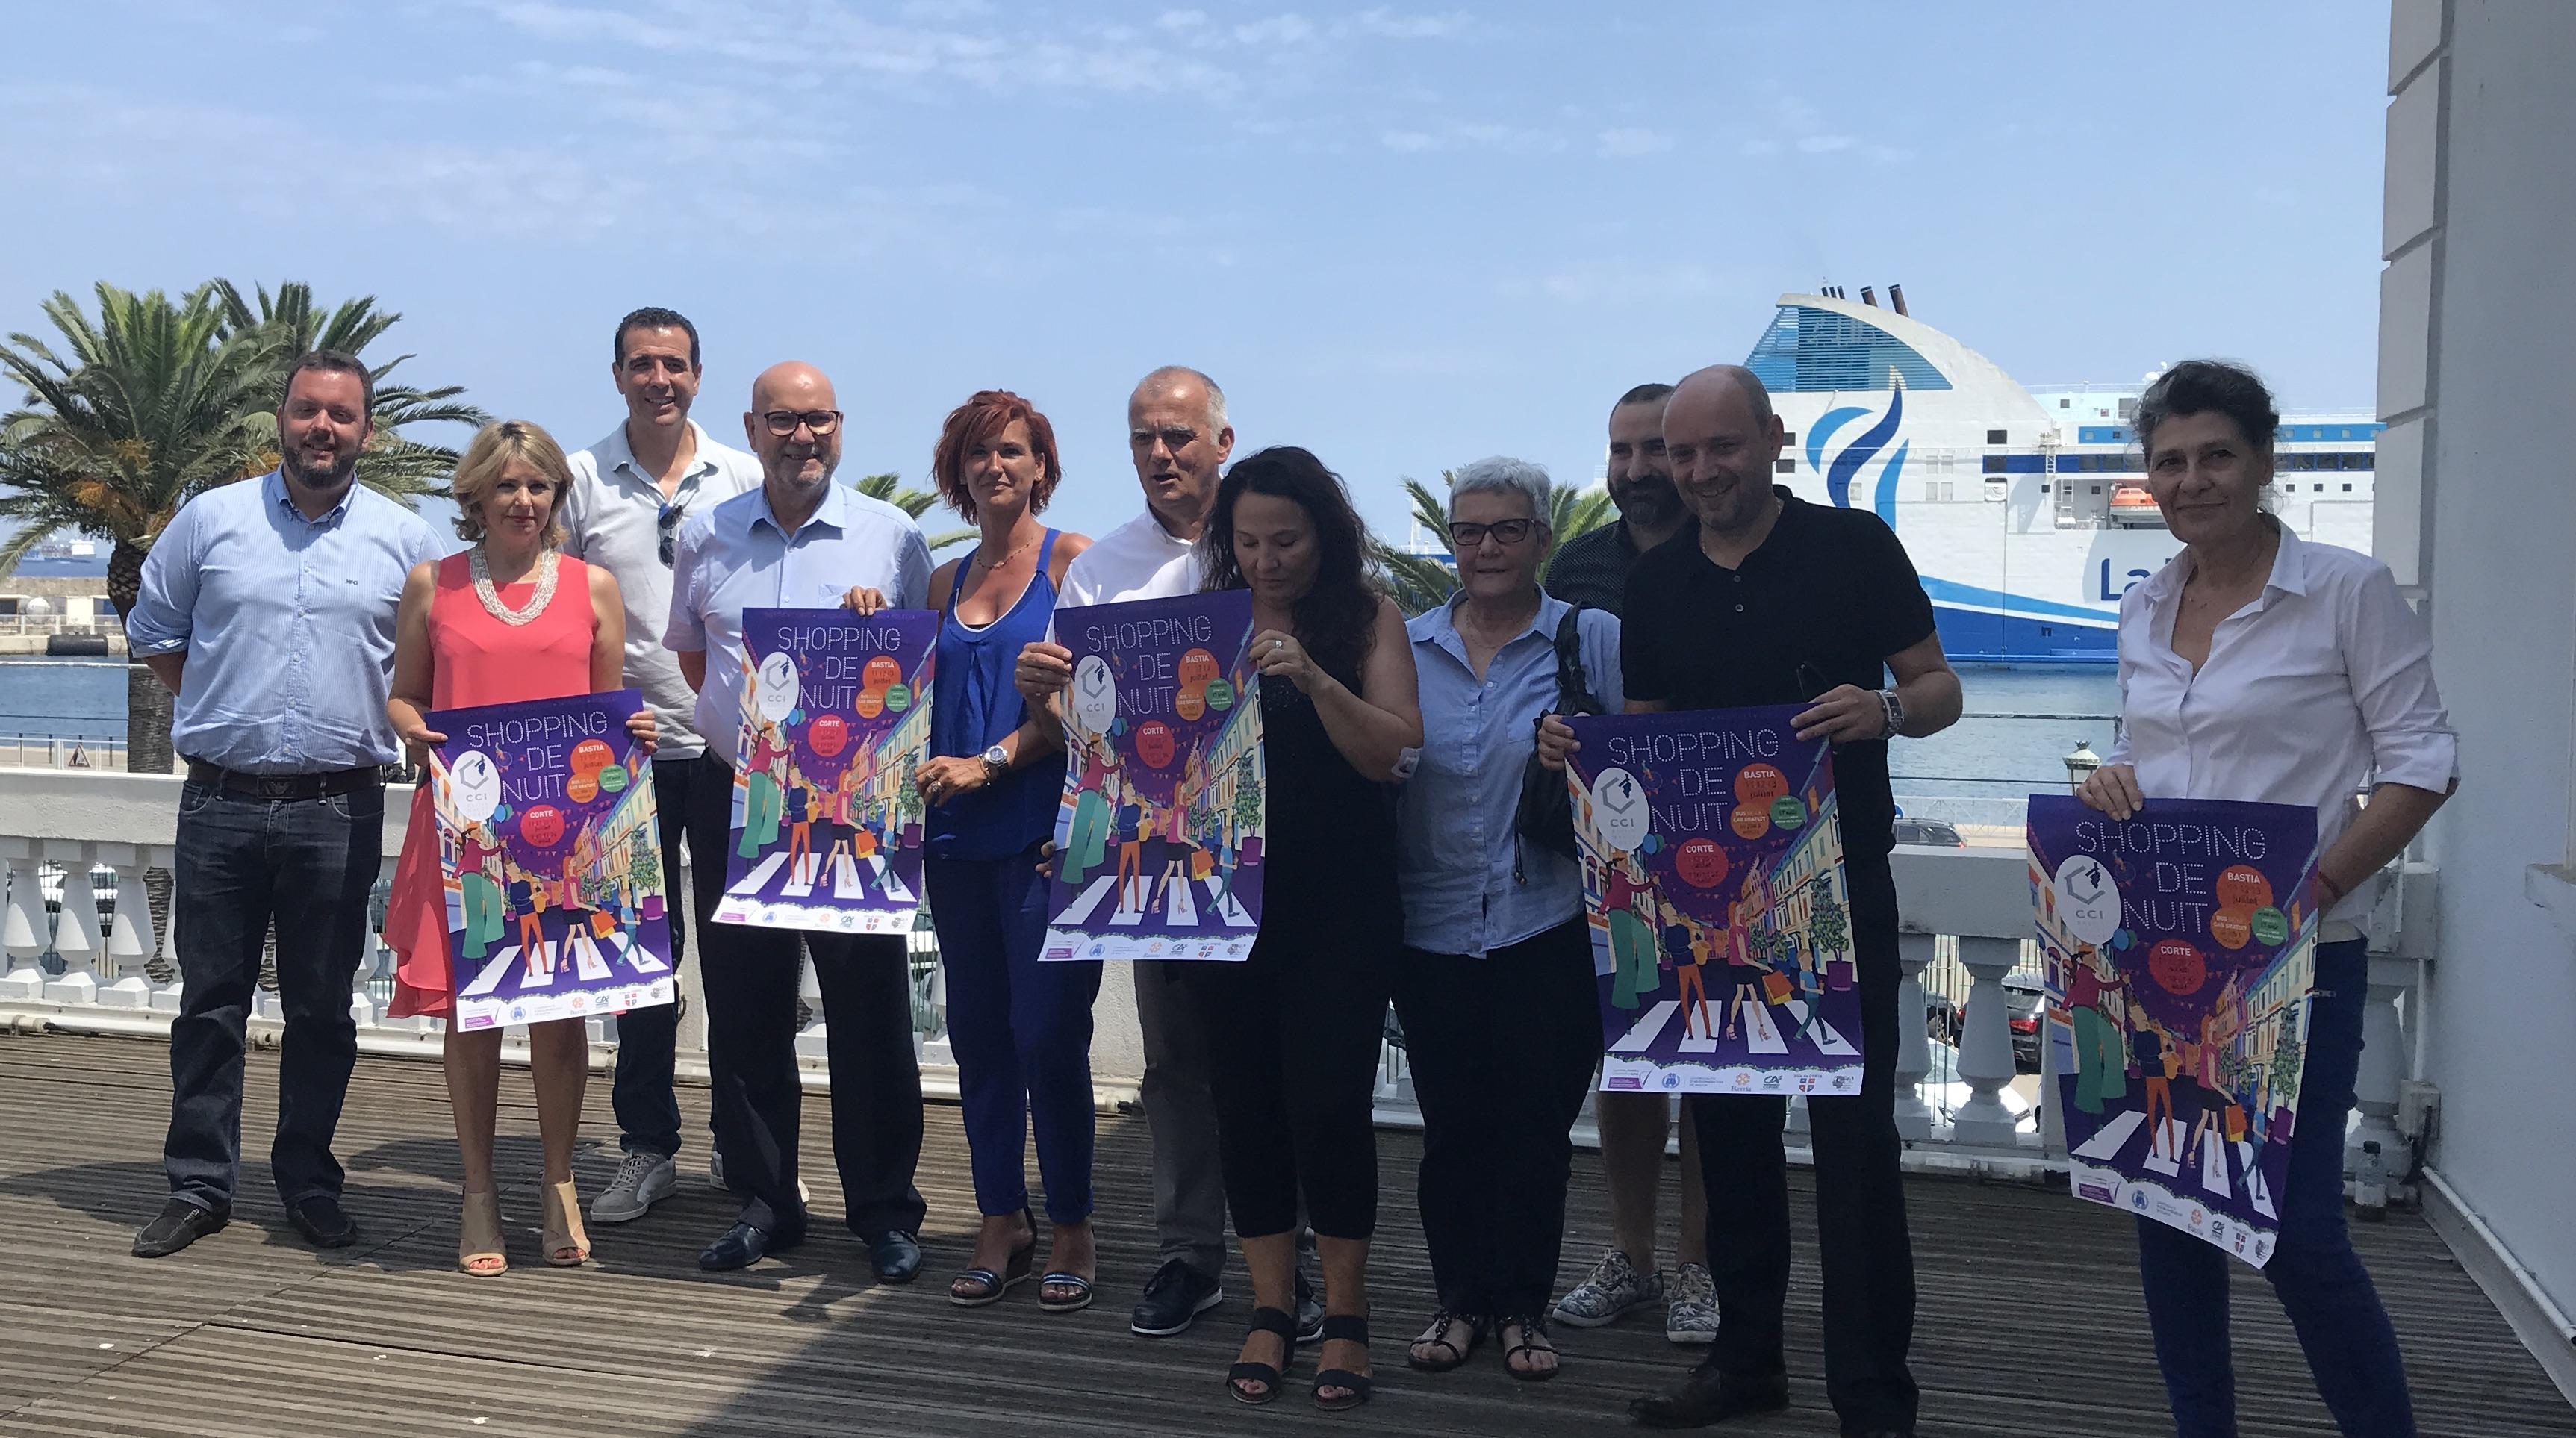 Le Shopping de nuit s'invite à Bastia pour une 13ème édition